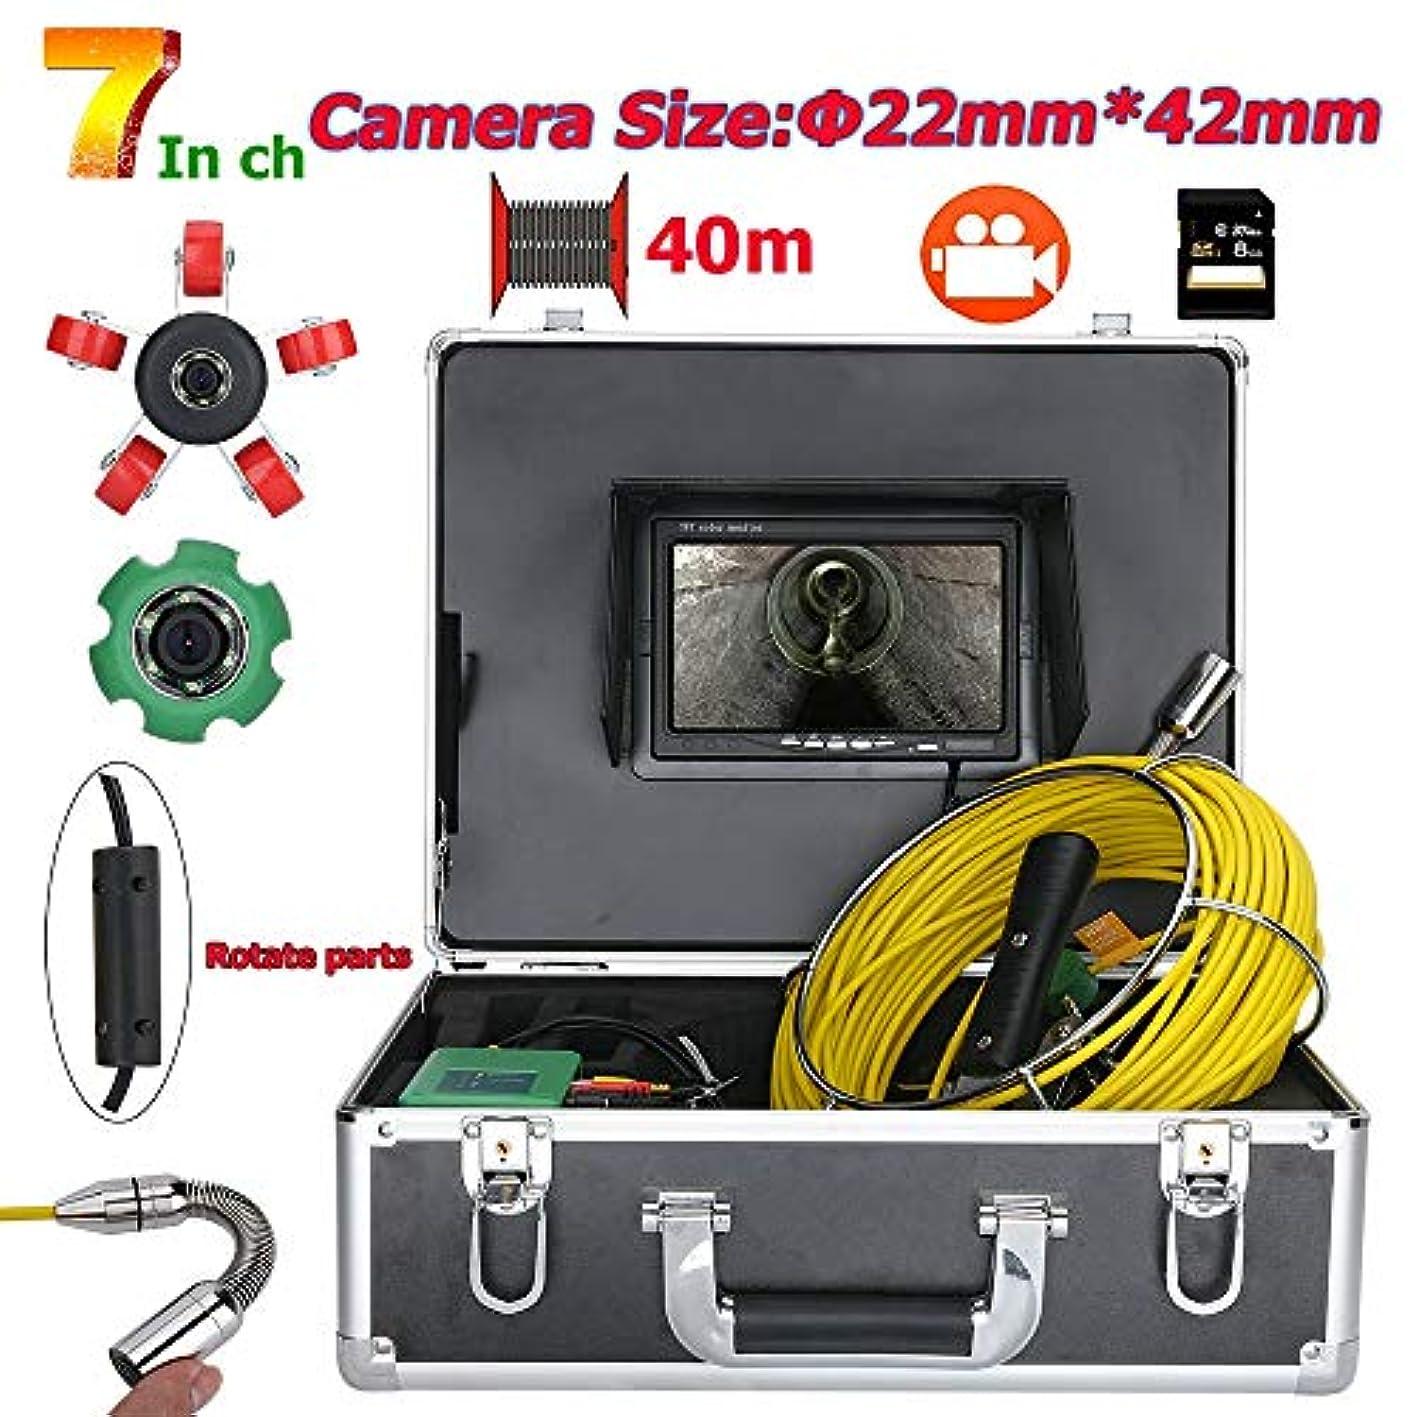 和らげるギャンブル食べる7インチDVR 22mmの管の点検ビデオカメラ、40M IP68は6W LEDライトが付いている下水管の点検カメラシステム1000 TVLを防水します